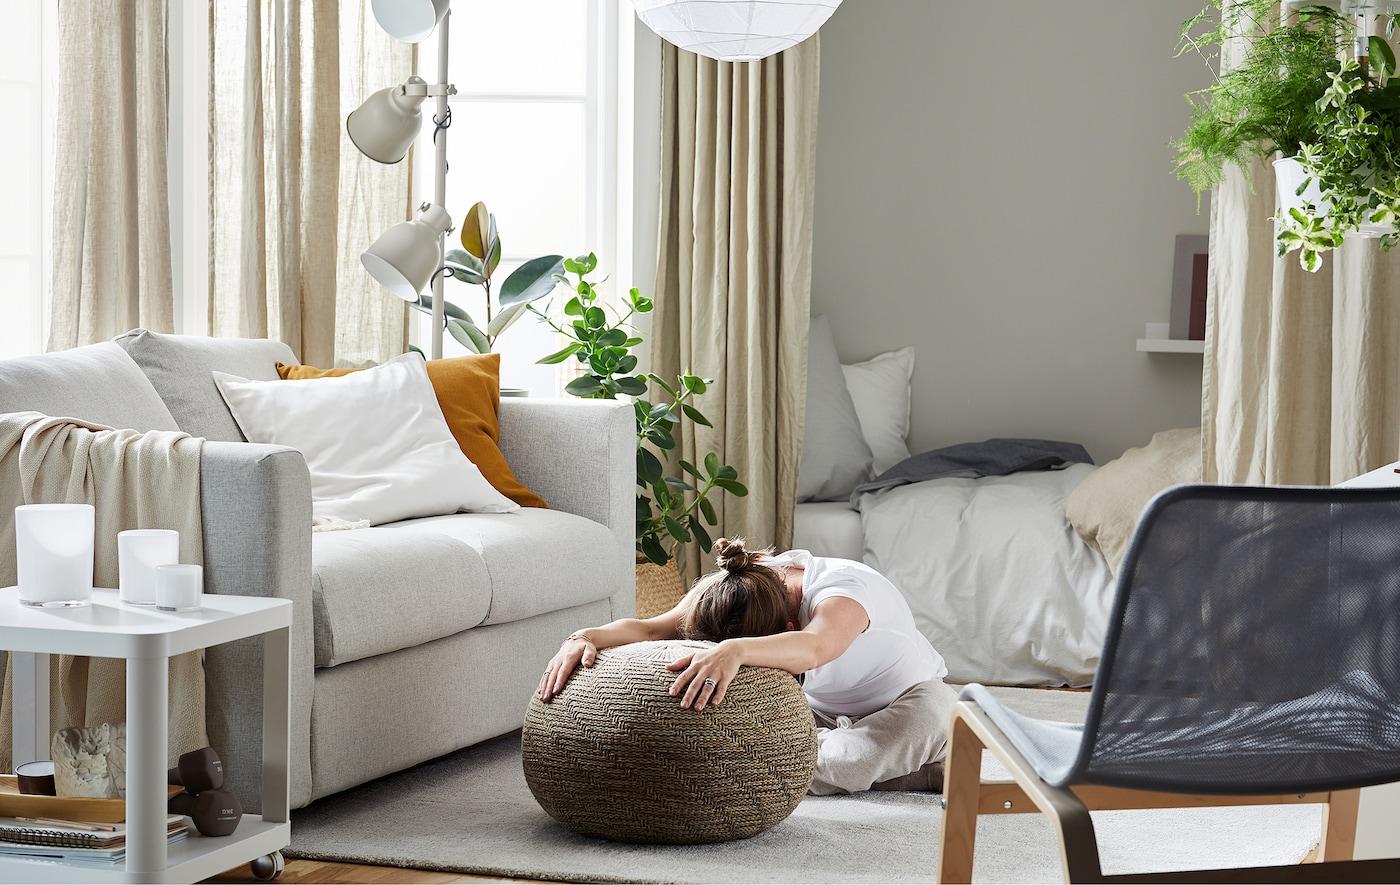 Egy nő ül a nappali szőnyegén, törökülésben, kinyújtott karjai egy puffon pihennek.